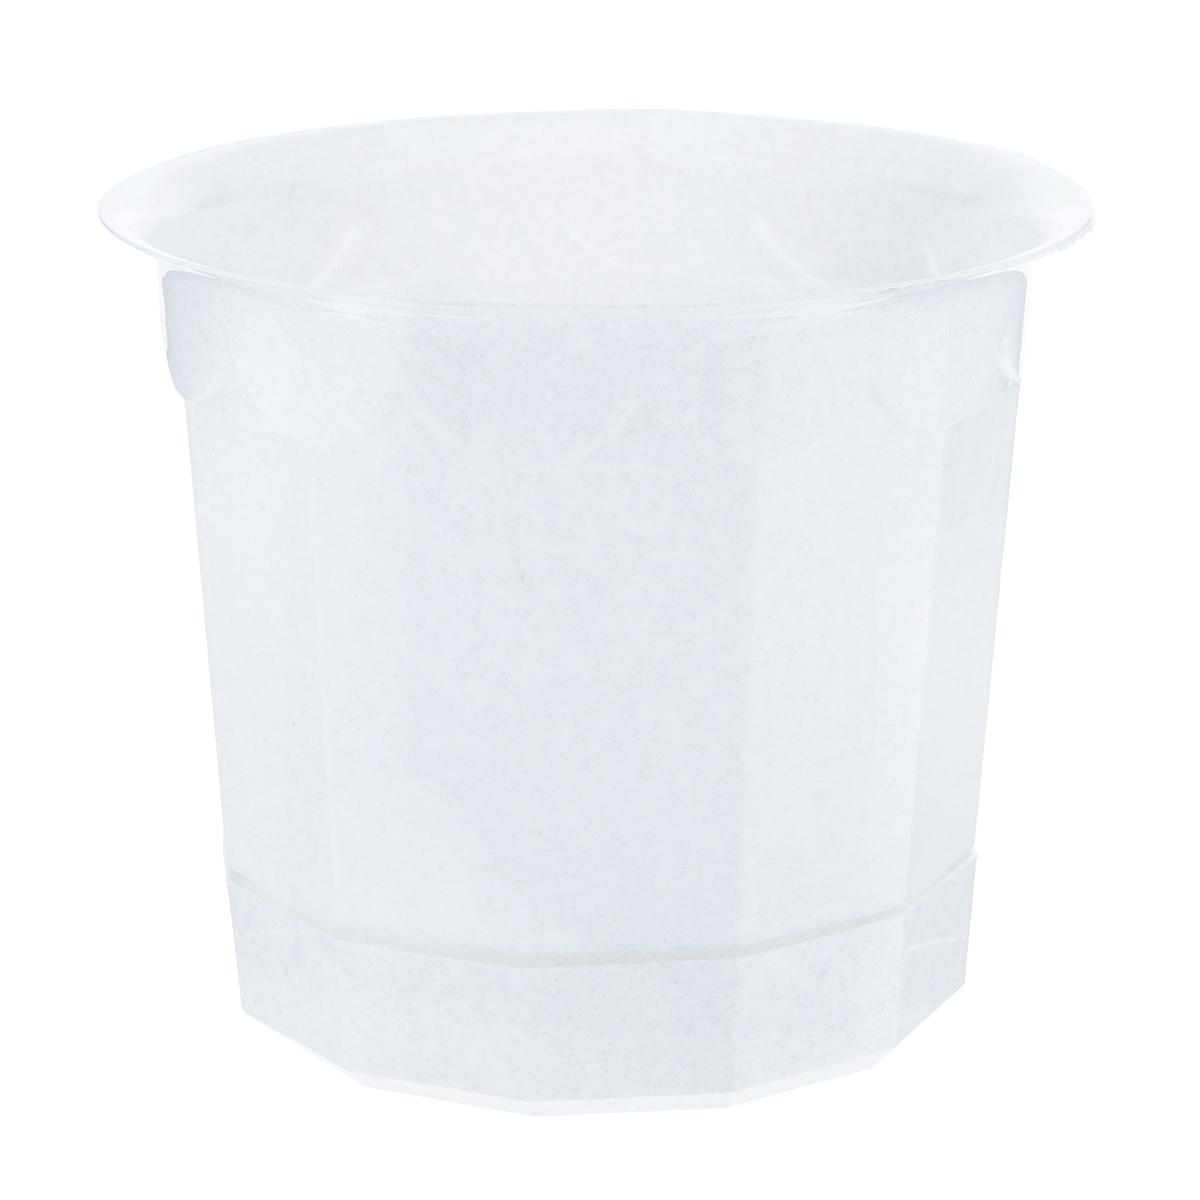 Горшок для цветов Полимербыт, с поддоном, диаметр 25 смС290Горшок для цветов Полимербыт изготовлен из прочного пластика с расцветкой под мрамор. Снабжен поддоном для стока воды. Изделие прекрасно подходит для выращивания растений и цветов в домашних условиях.